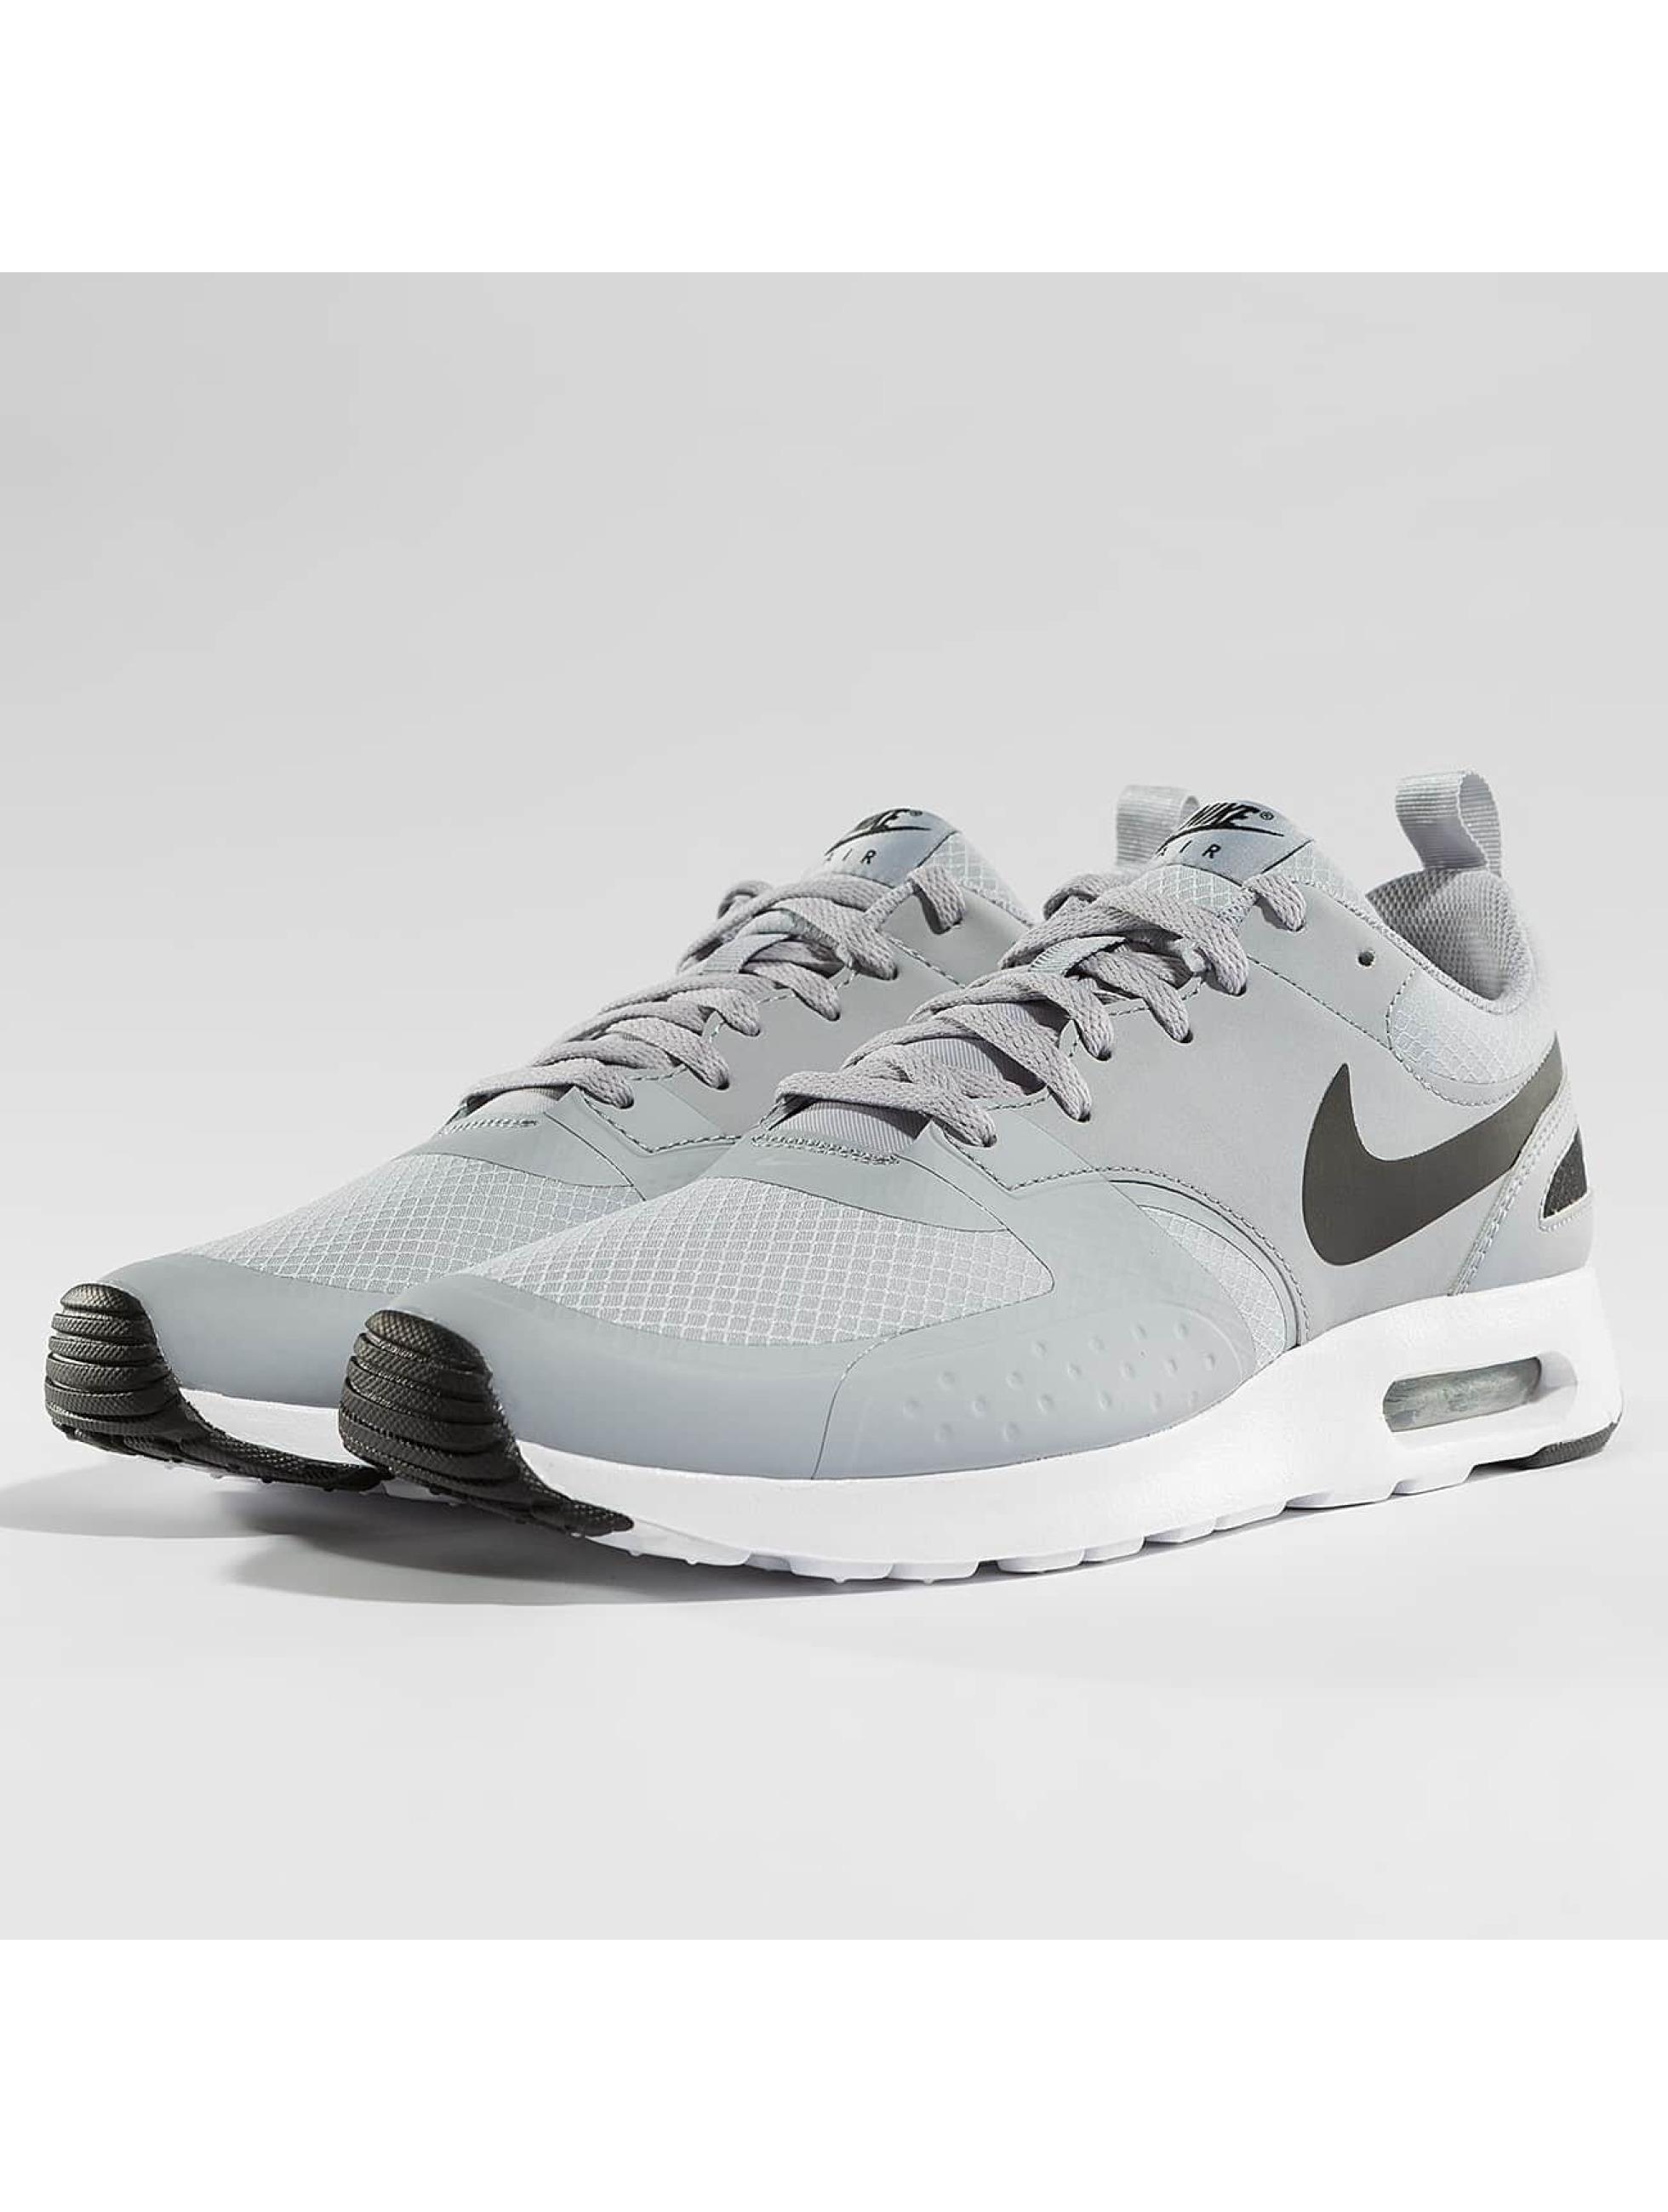 Noir Vision Chaussures Se Max Lo Baskets Gris Nike Air wq10EwS ... 28b7bd4e03f9